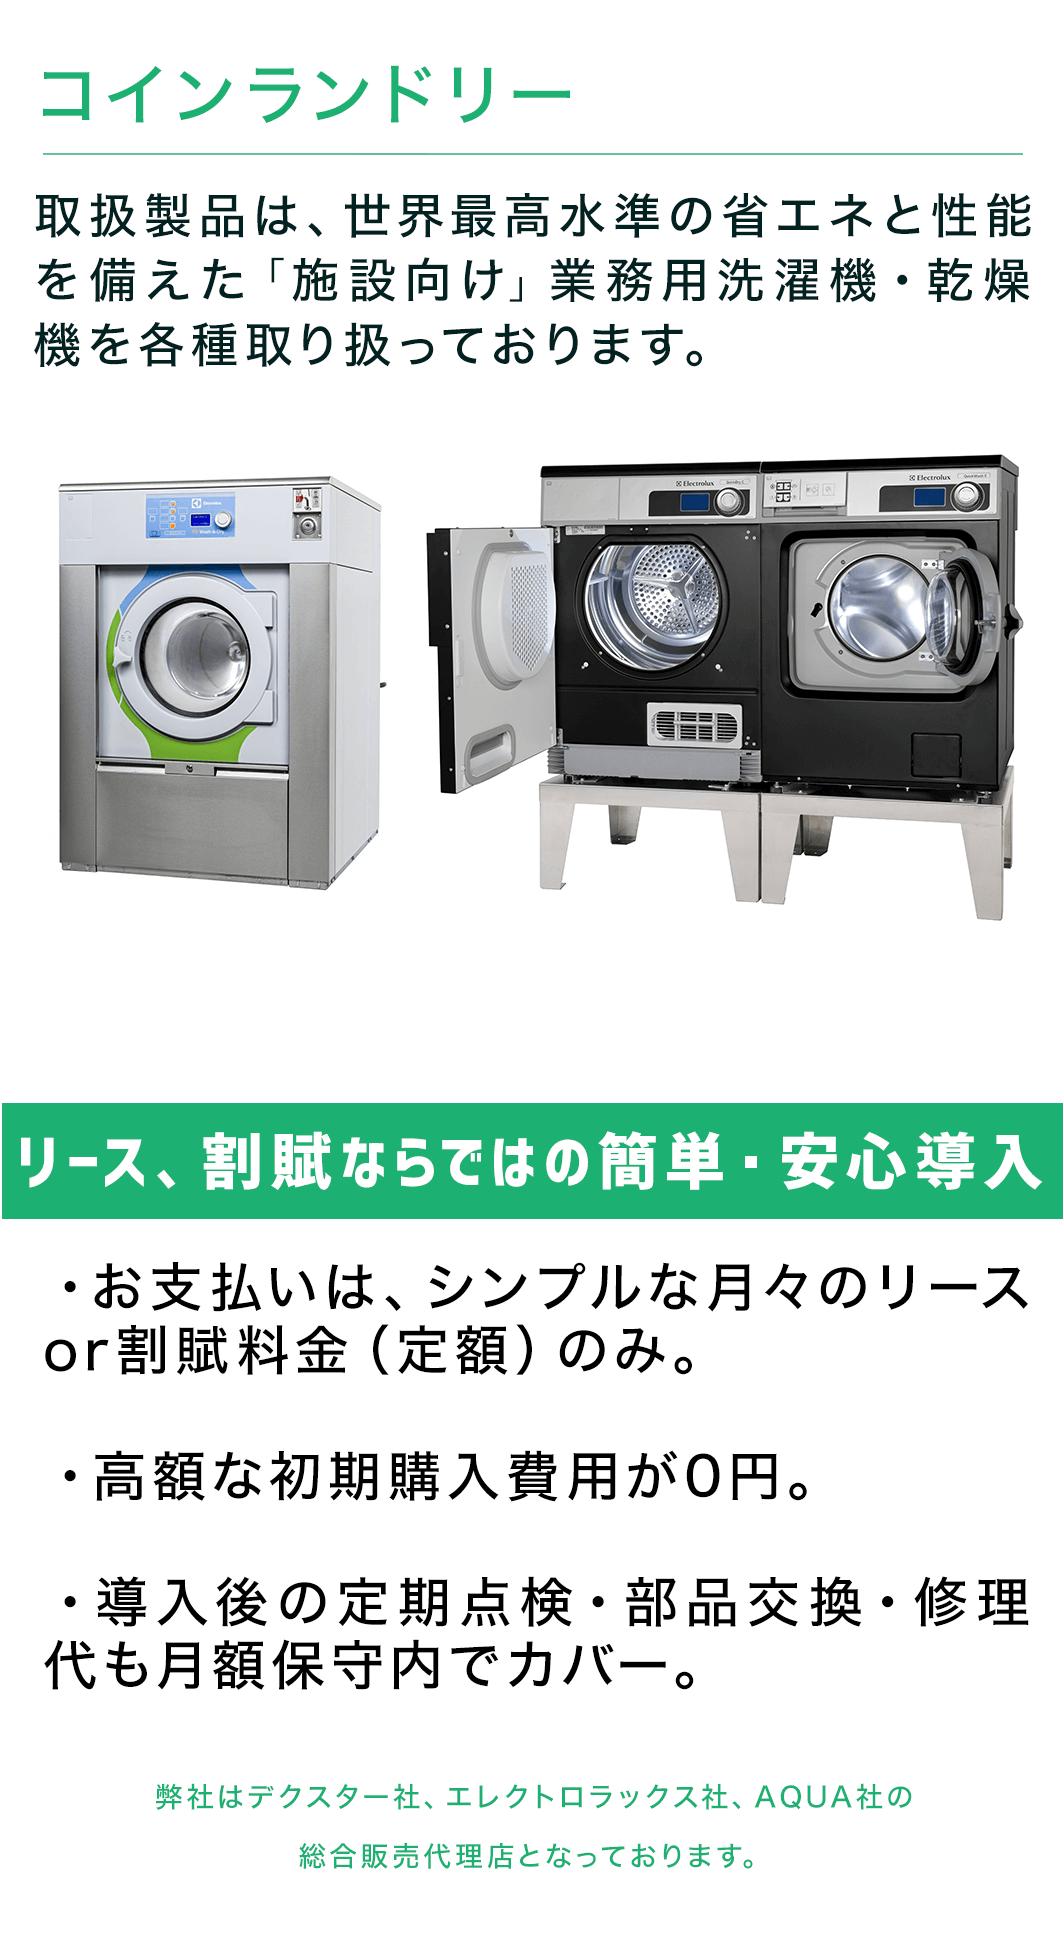 取扱製品は、世界最高水準の省エネと性能を備えた「施設向け」業務用洗濯機・乾燥機を各種取り扱っております。